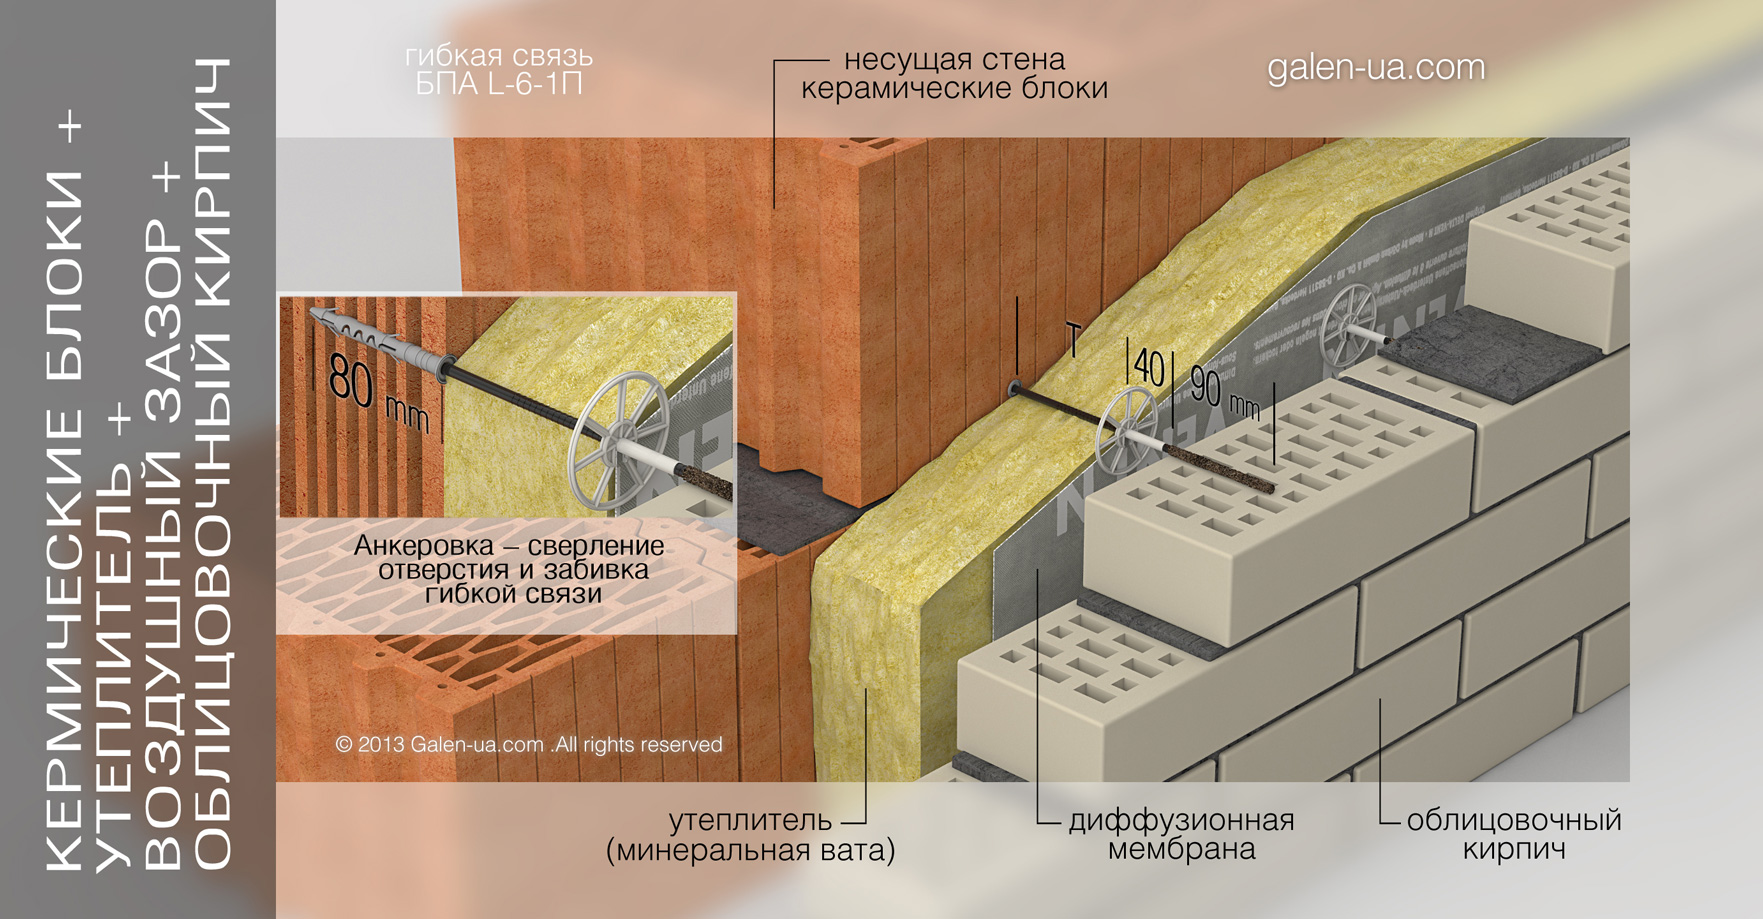 Гибкая связь БПА L-6-1П: Керамический блок + Утеплитель + Воздушный зазор + Облицовочный кирпич